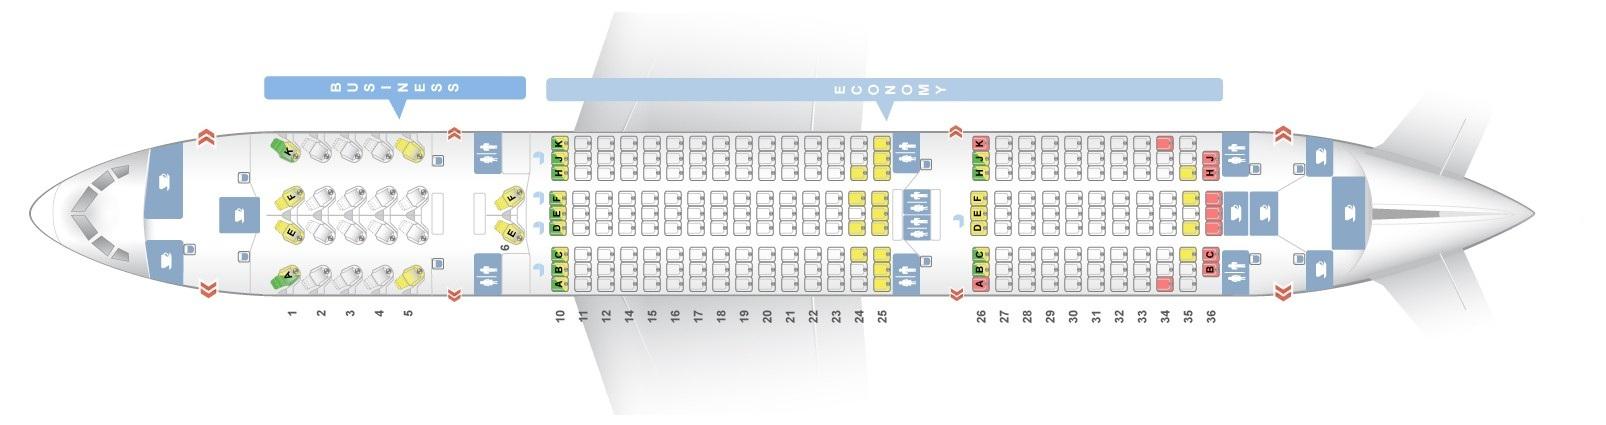 Seat Map Boeing 787 8 Dreamliner Qatar Airways Best Seats In The Plane